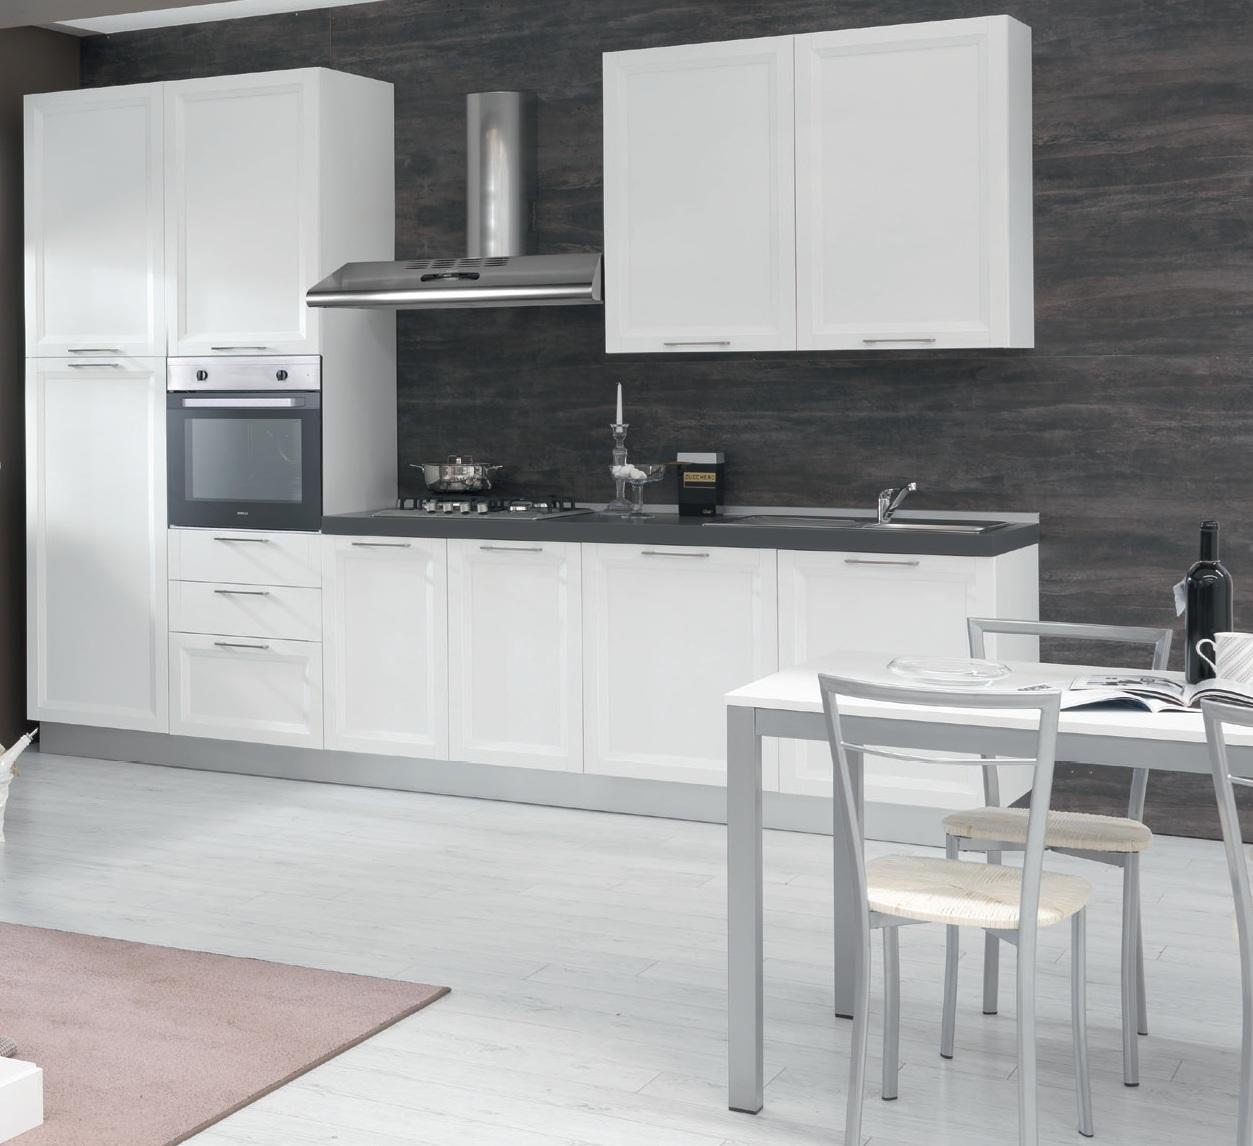 Cucina Trix 330/C Y528S Completa di Elettrodomestici L.330  eBay